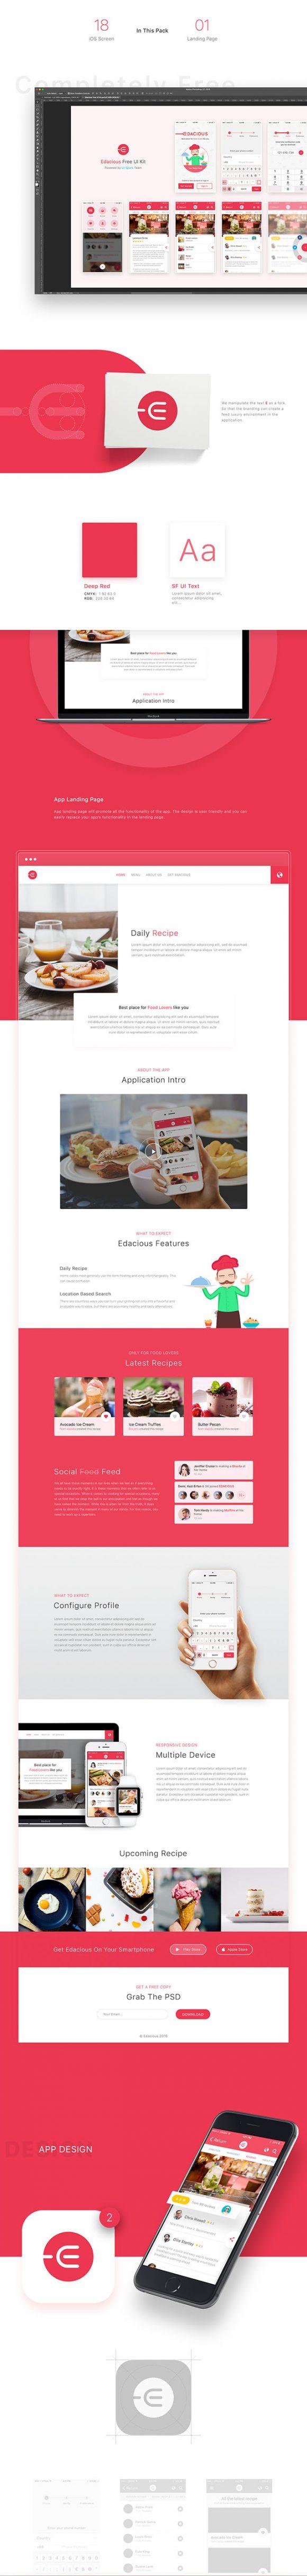 Edacious UI kit - Full preview